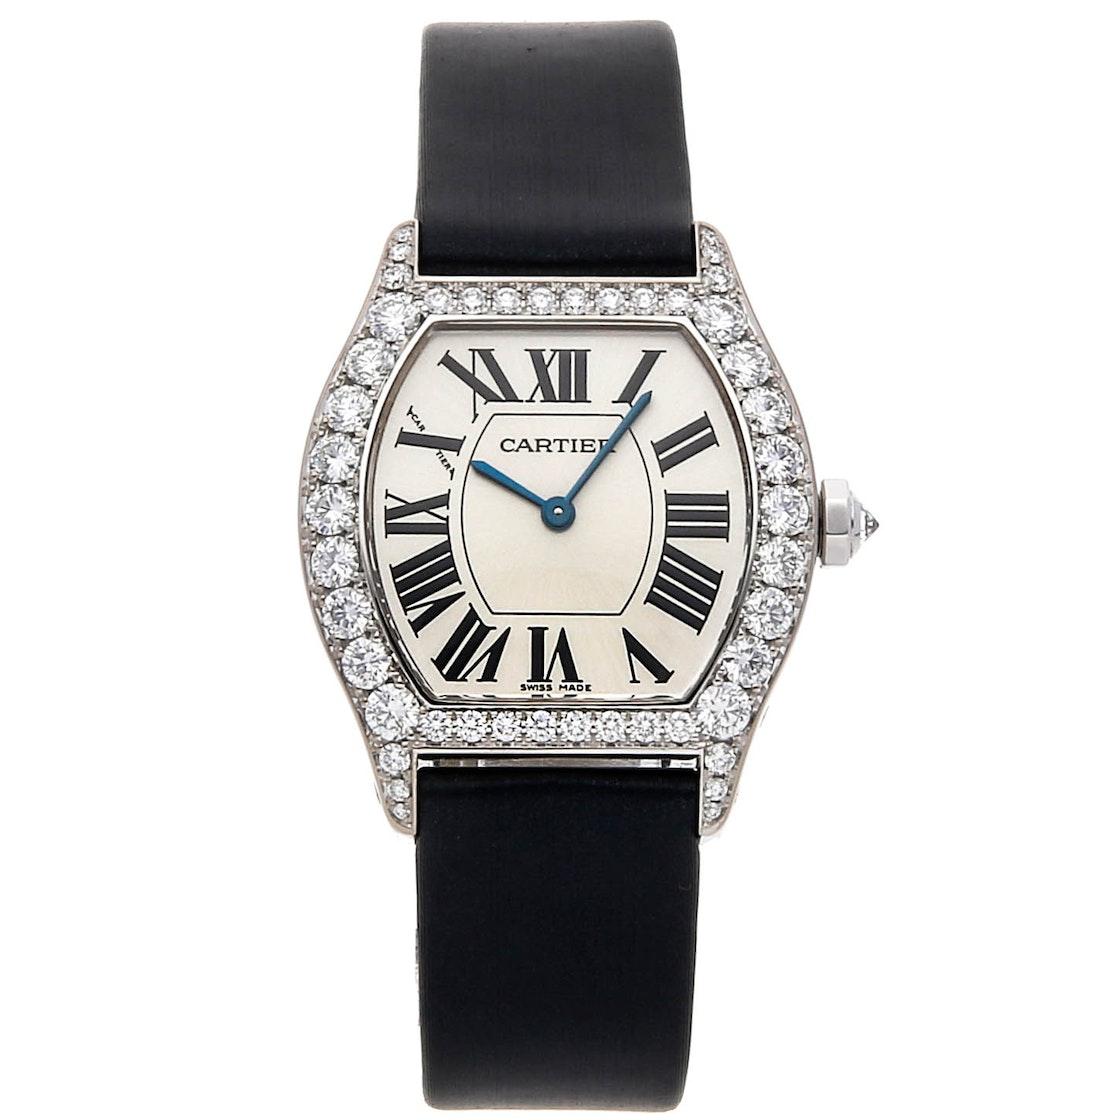 Cartier Tortue WA507231